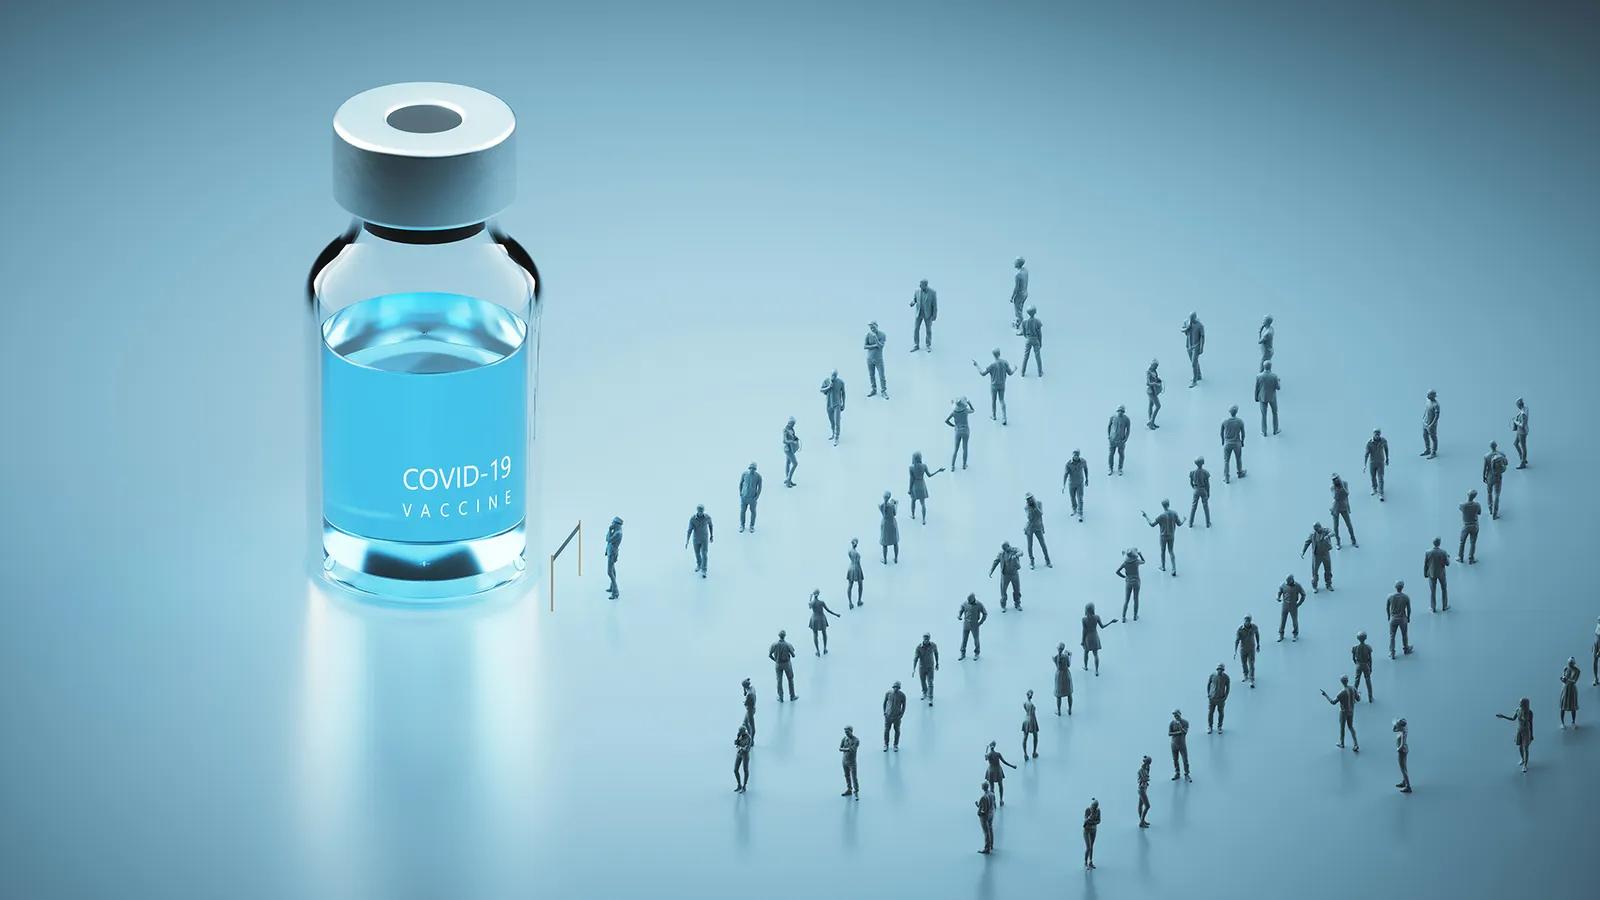 Kén chọn vaccine: Hậu quả khôn lường - Ảnh 1.